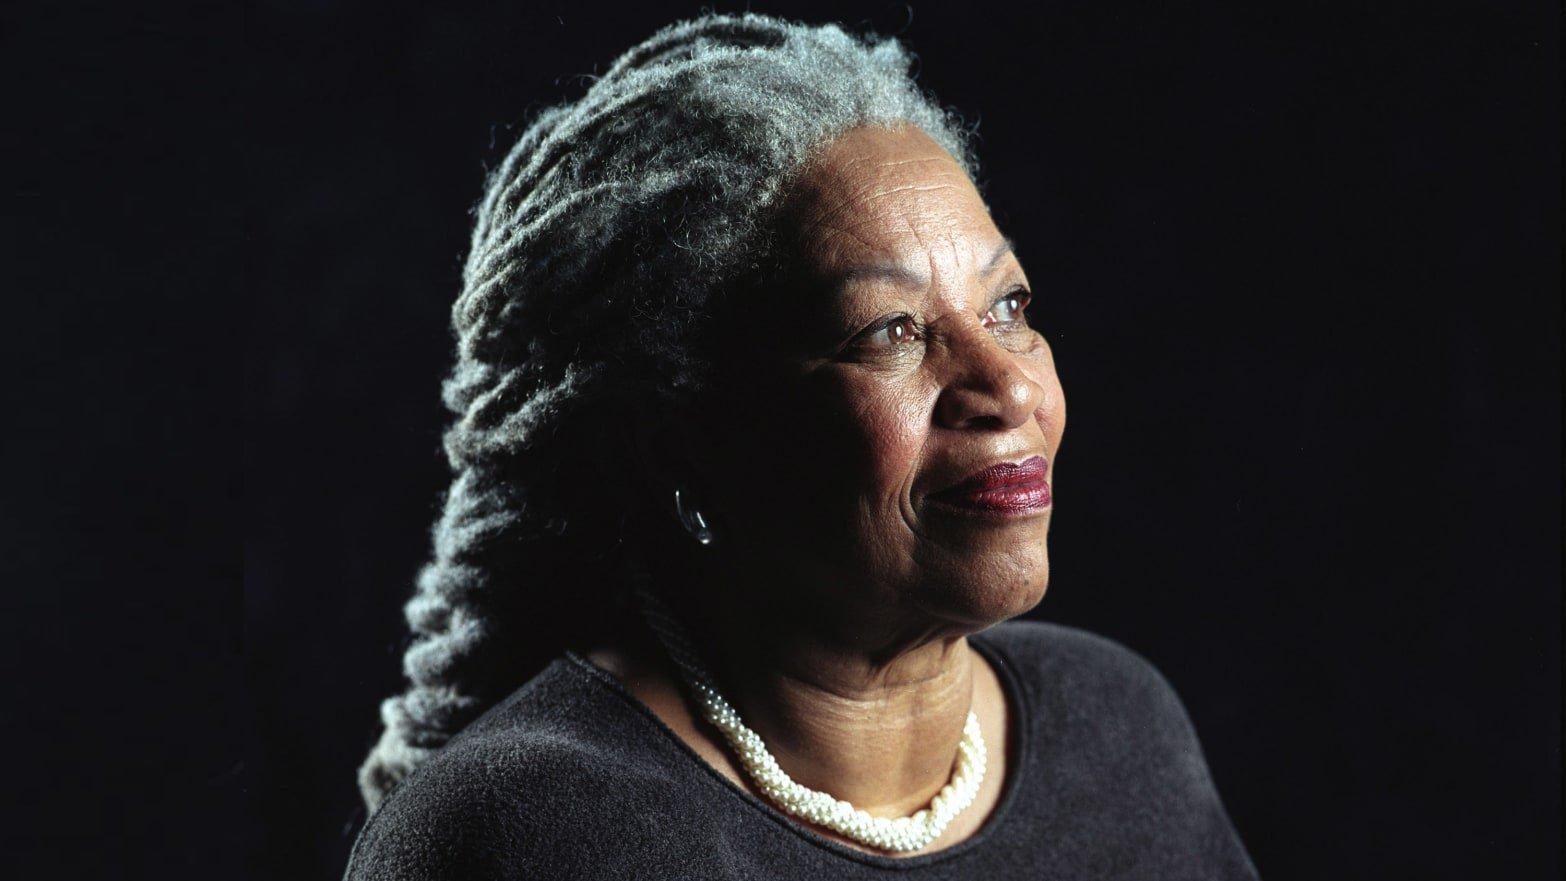 Toni Morrison est mortedans la nuit du 5 au 6 août 2019à l'âge de 88 ans.L'écrivain a reçu le prix Nobel de littérature en 1993.